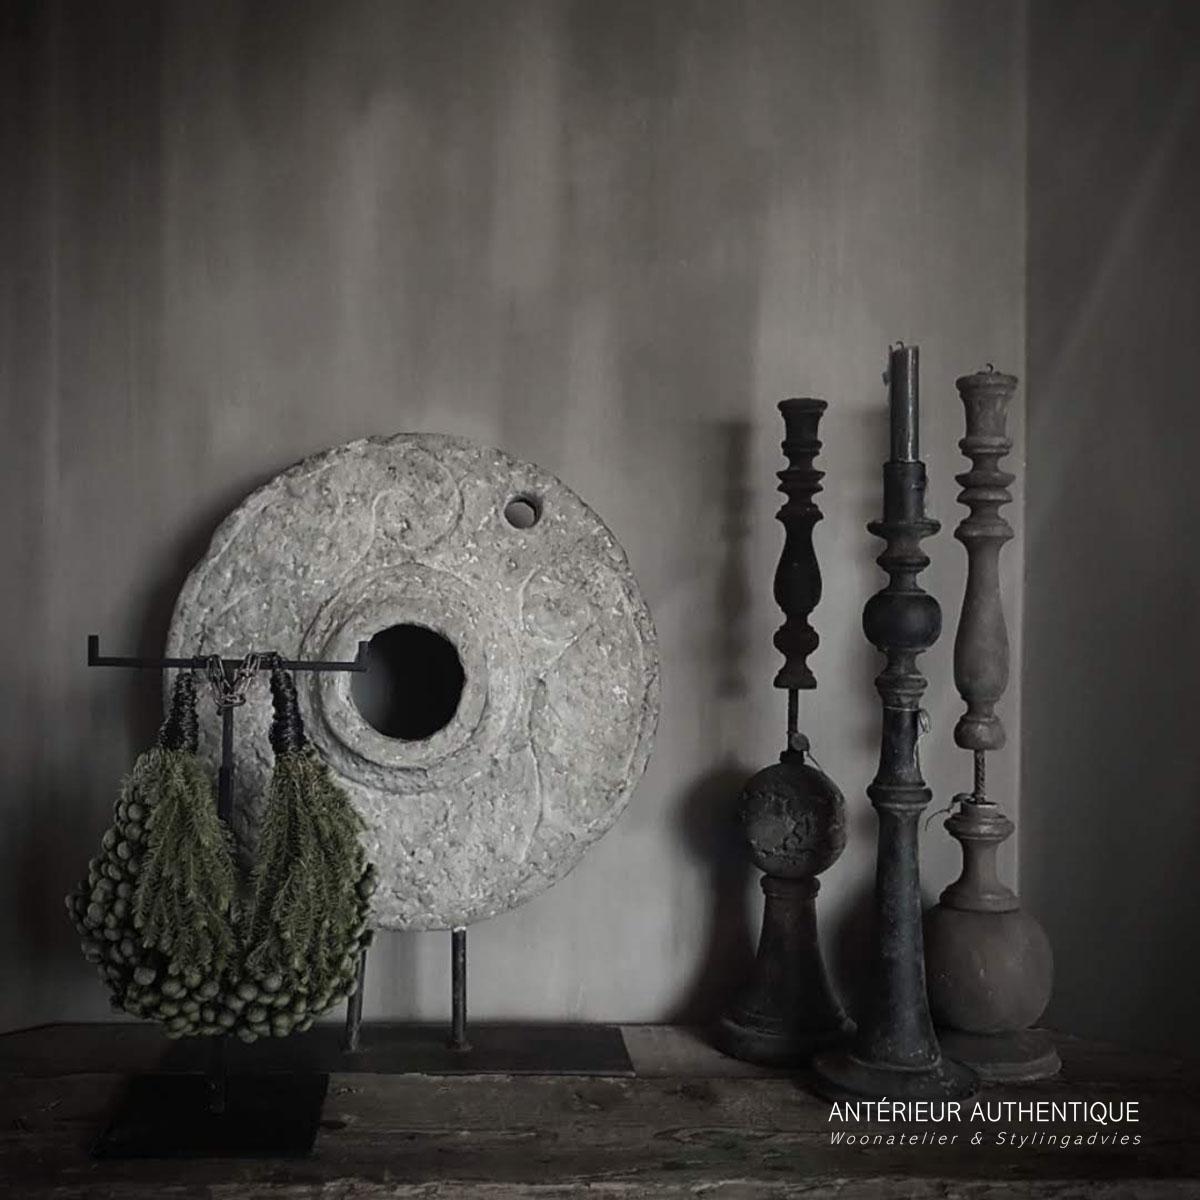 Afbeelding van molensteen ornament op statief met kaarsenstandaards en groendecoratie voor gebruik in Antérieur Authentique webshop